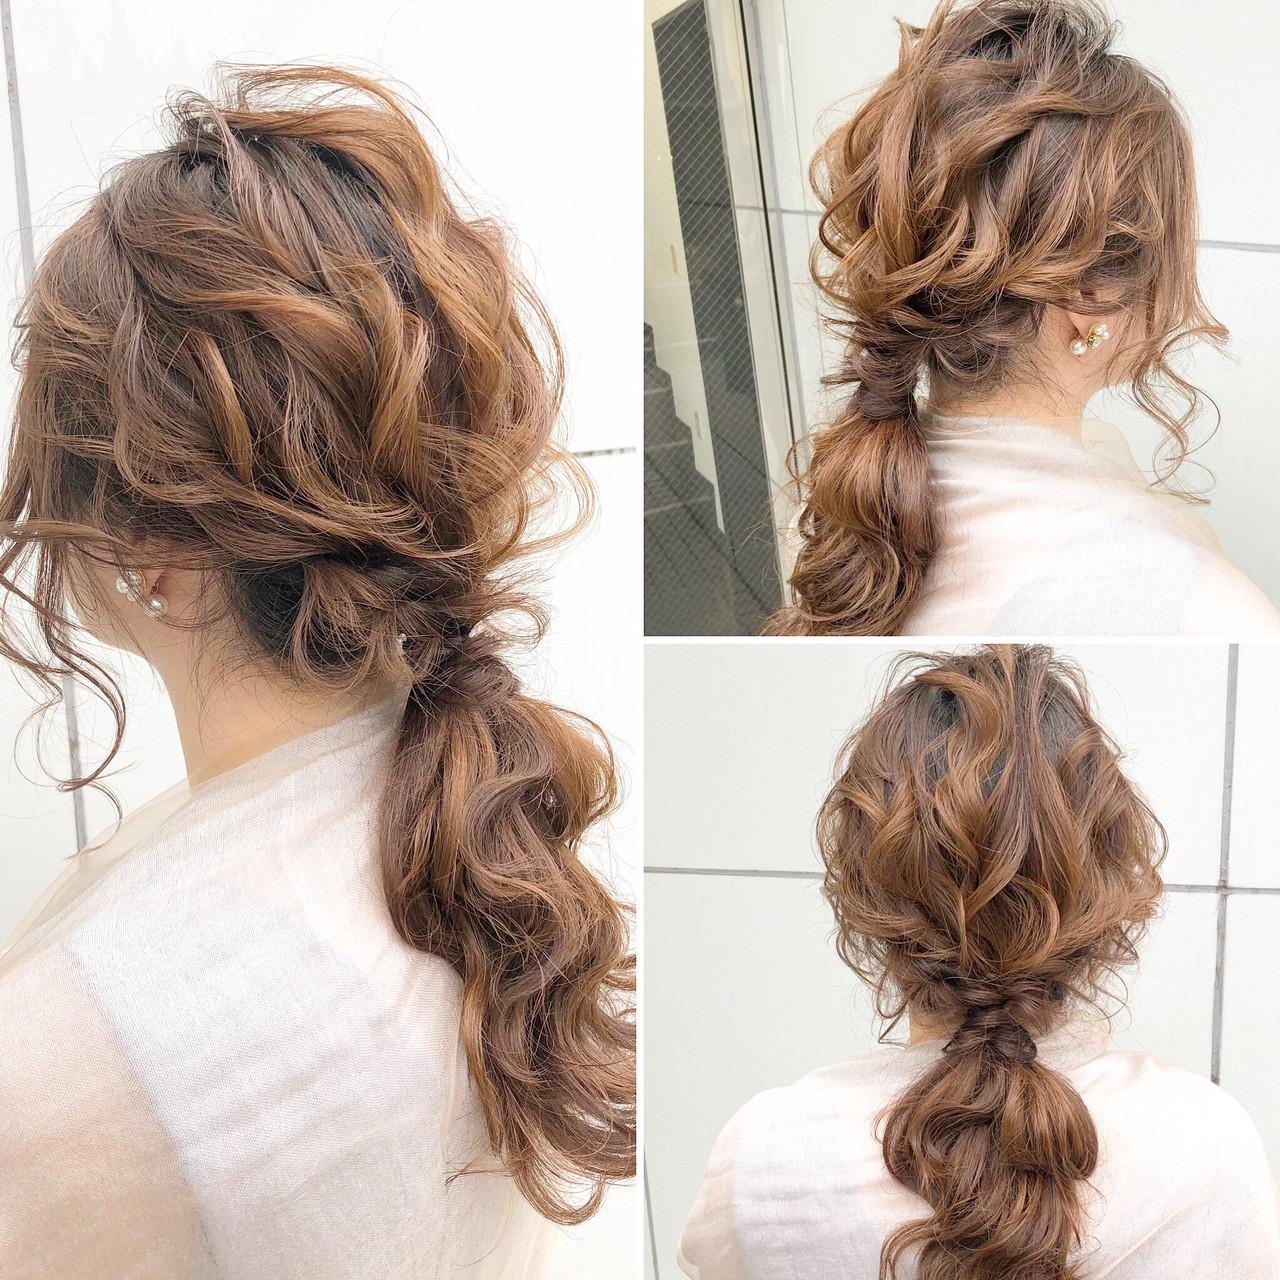 ナチュラル ローポニーテール ヘアアレンジ ポニーテール ヘアスタイルや髪型の写真・画像